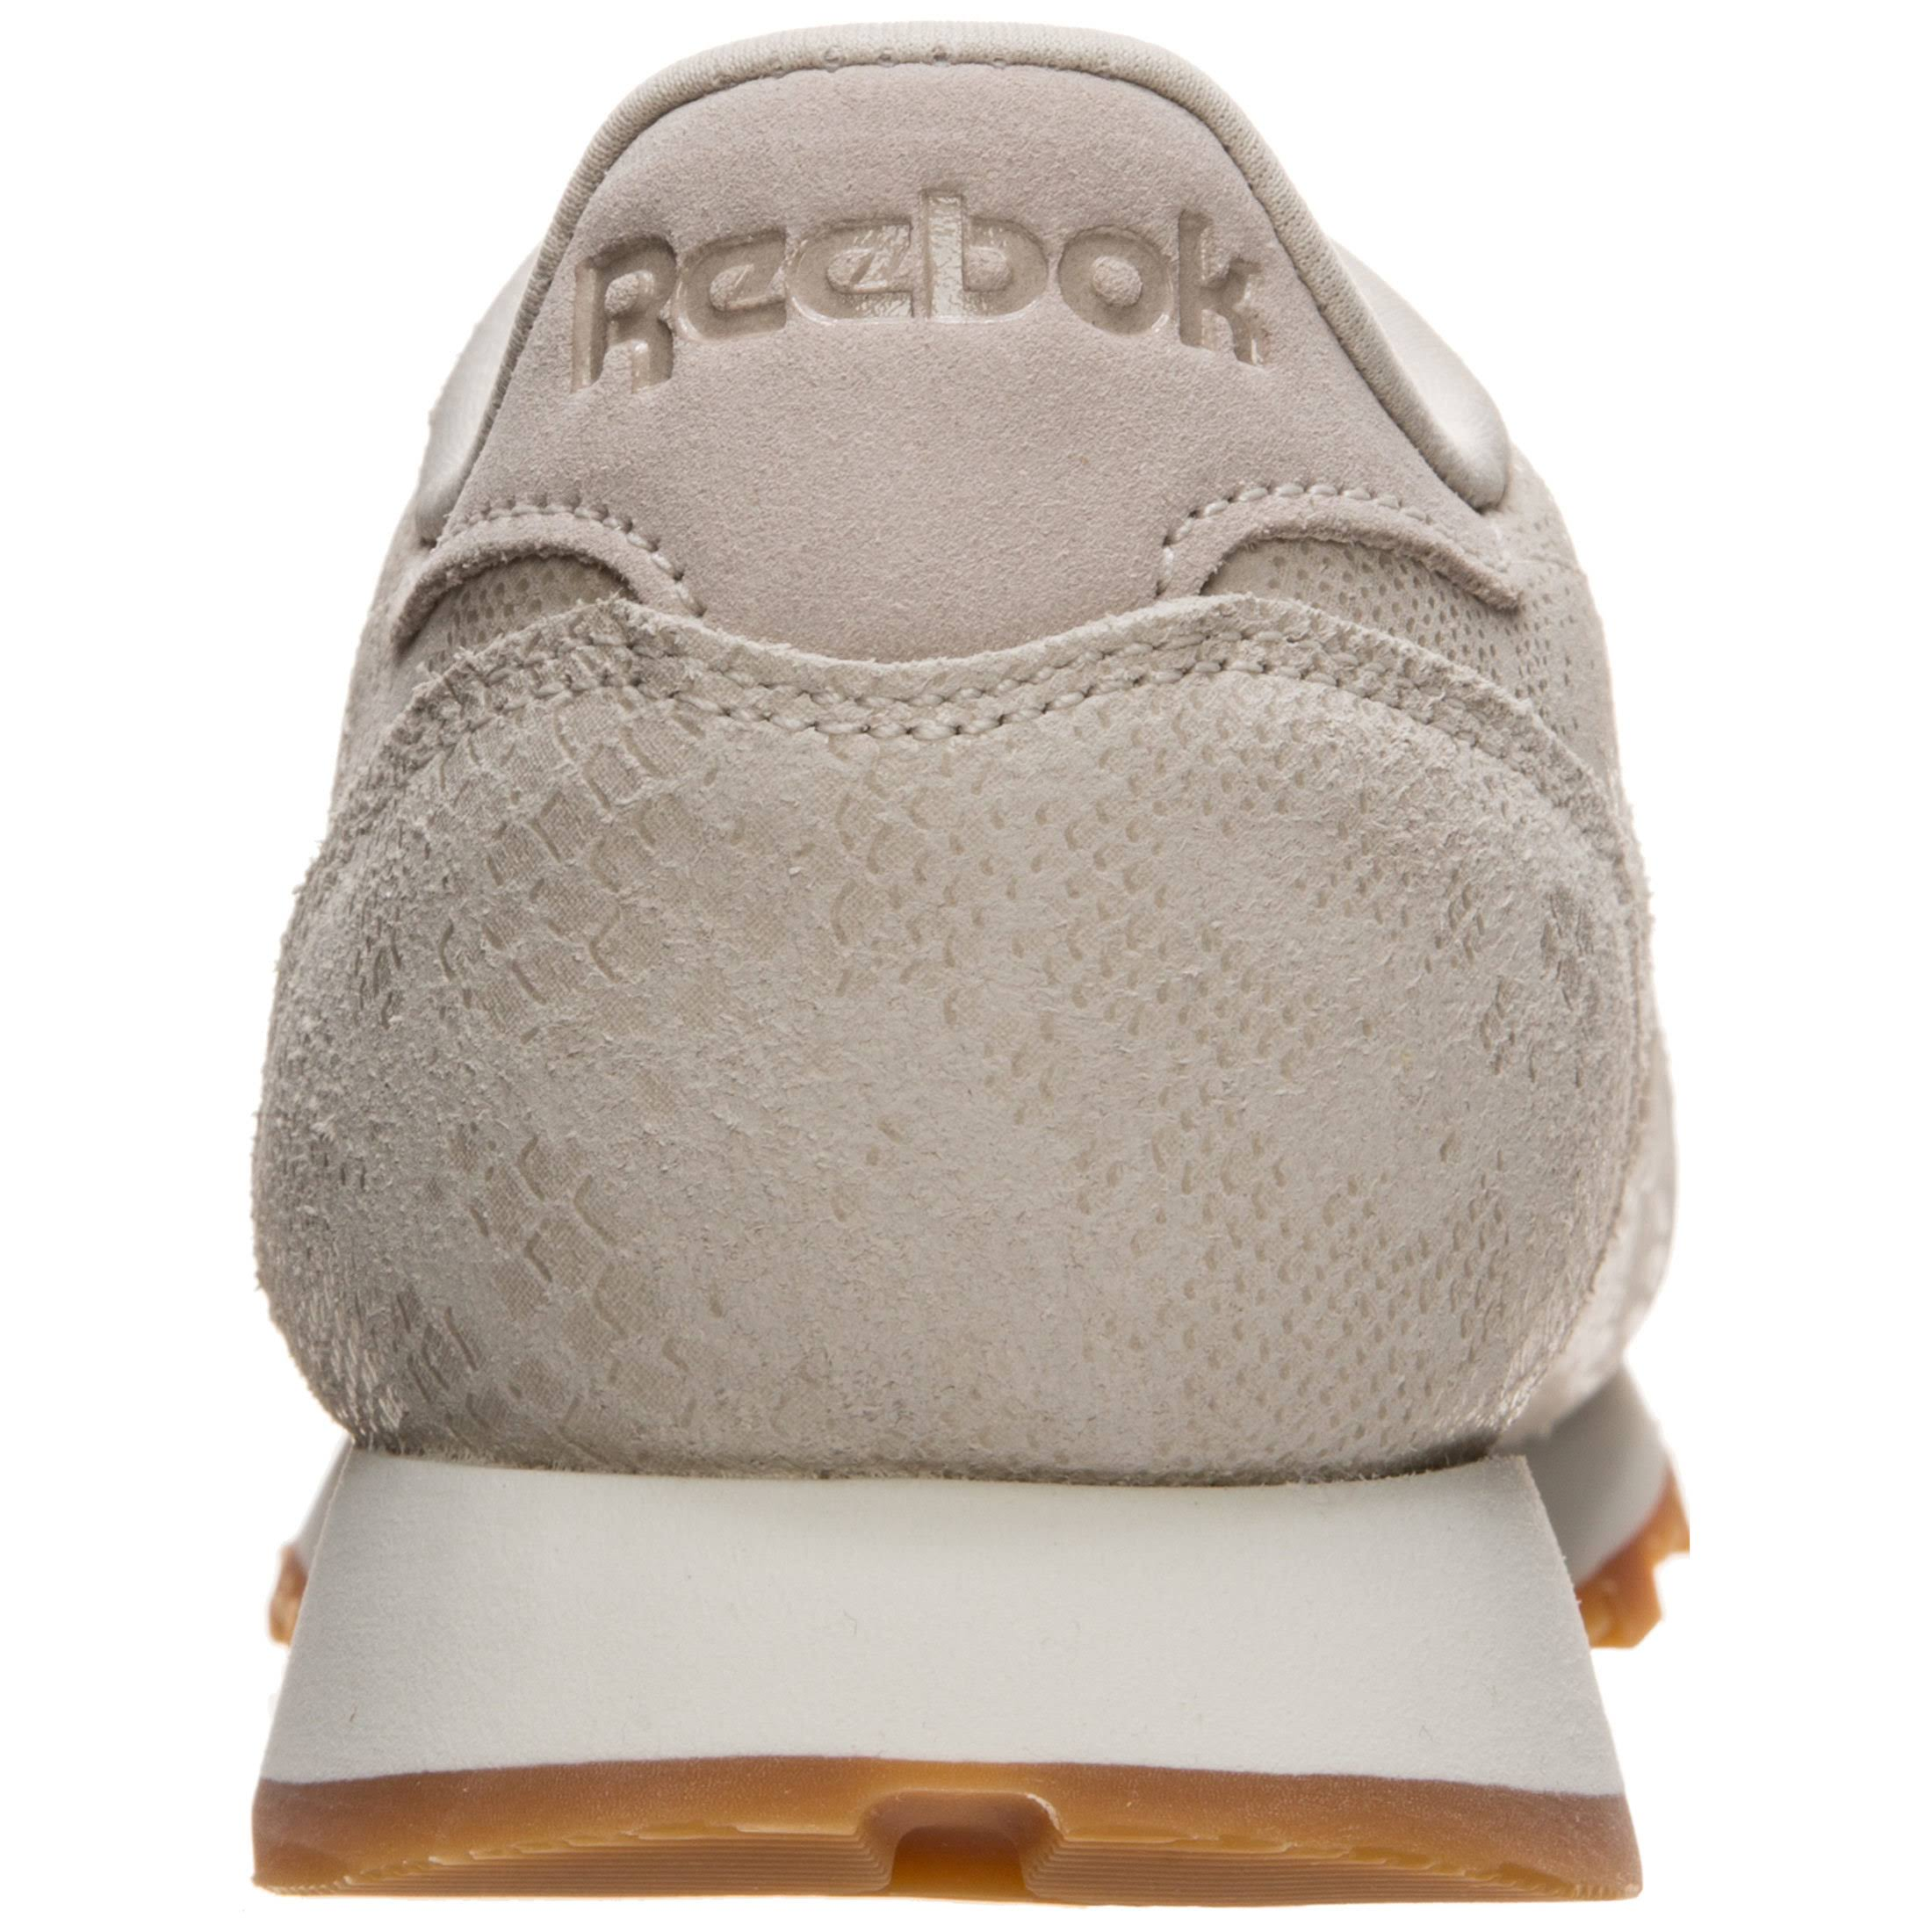 Beige Größe Perlweiß Lthr Cl 37 Sneaker Reebok qCcwFEOE